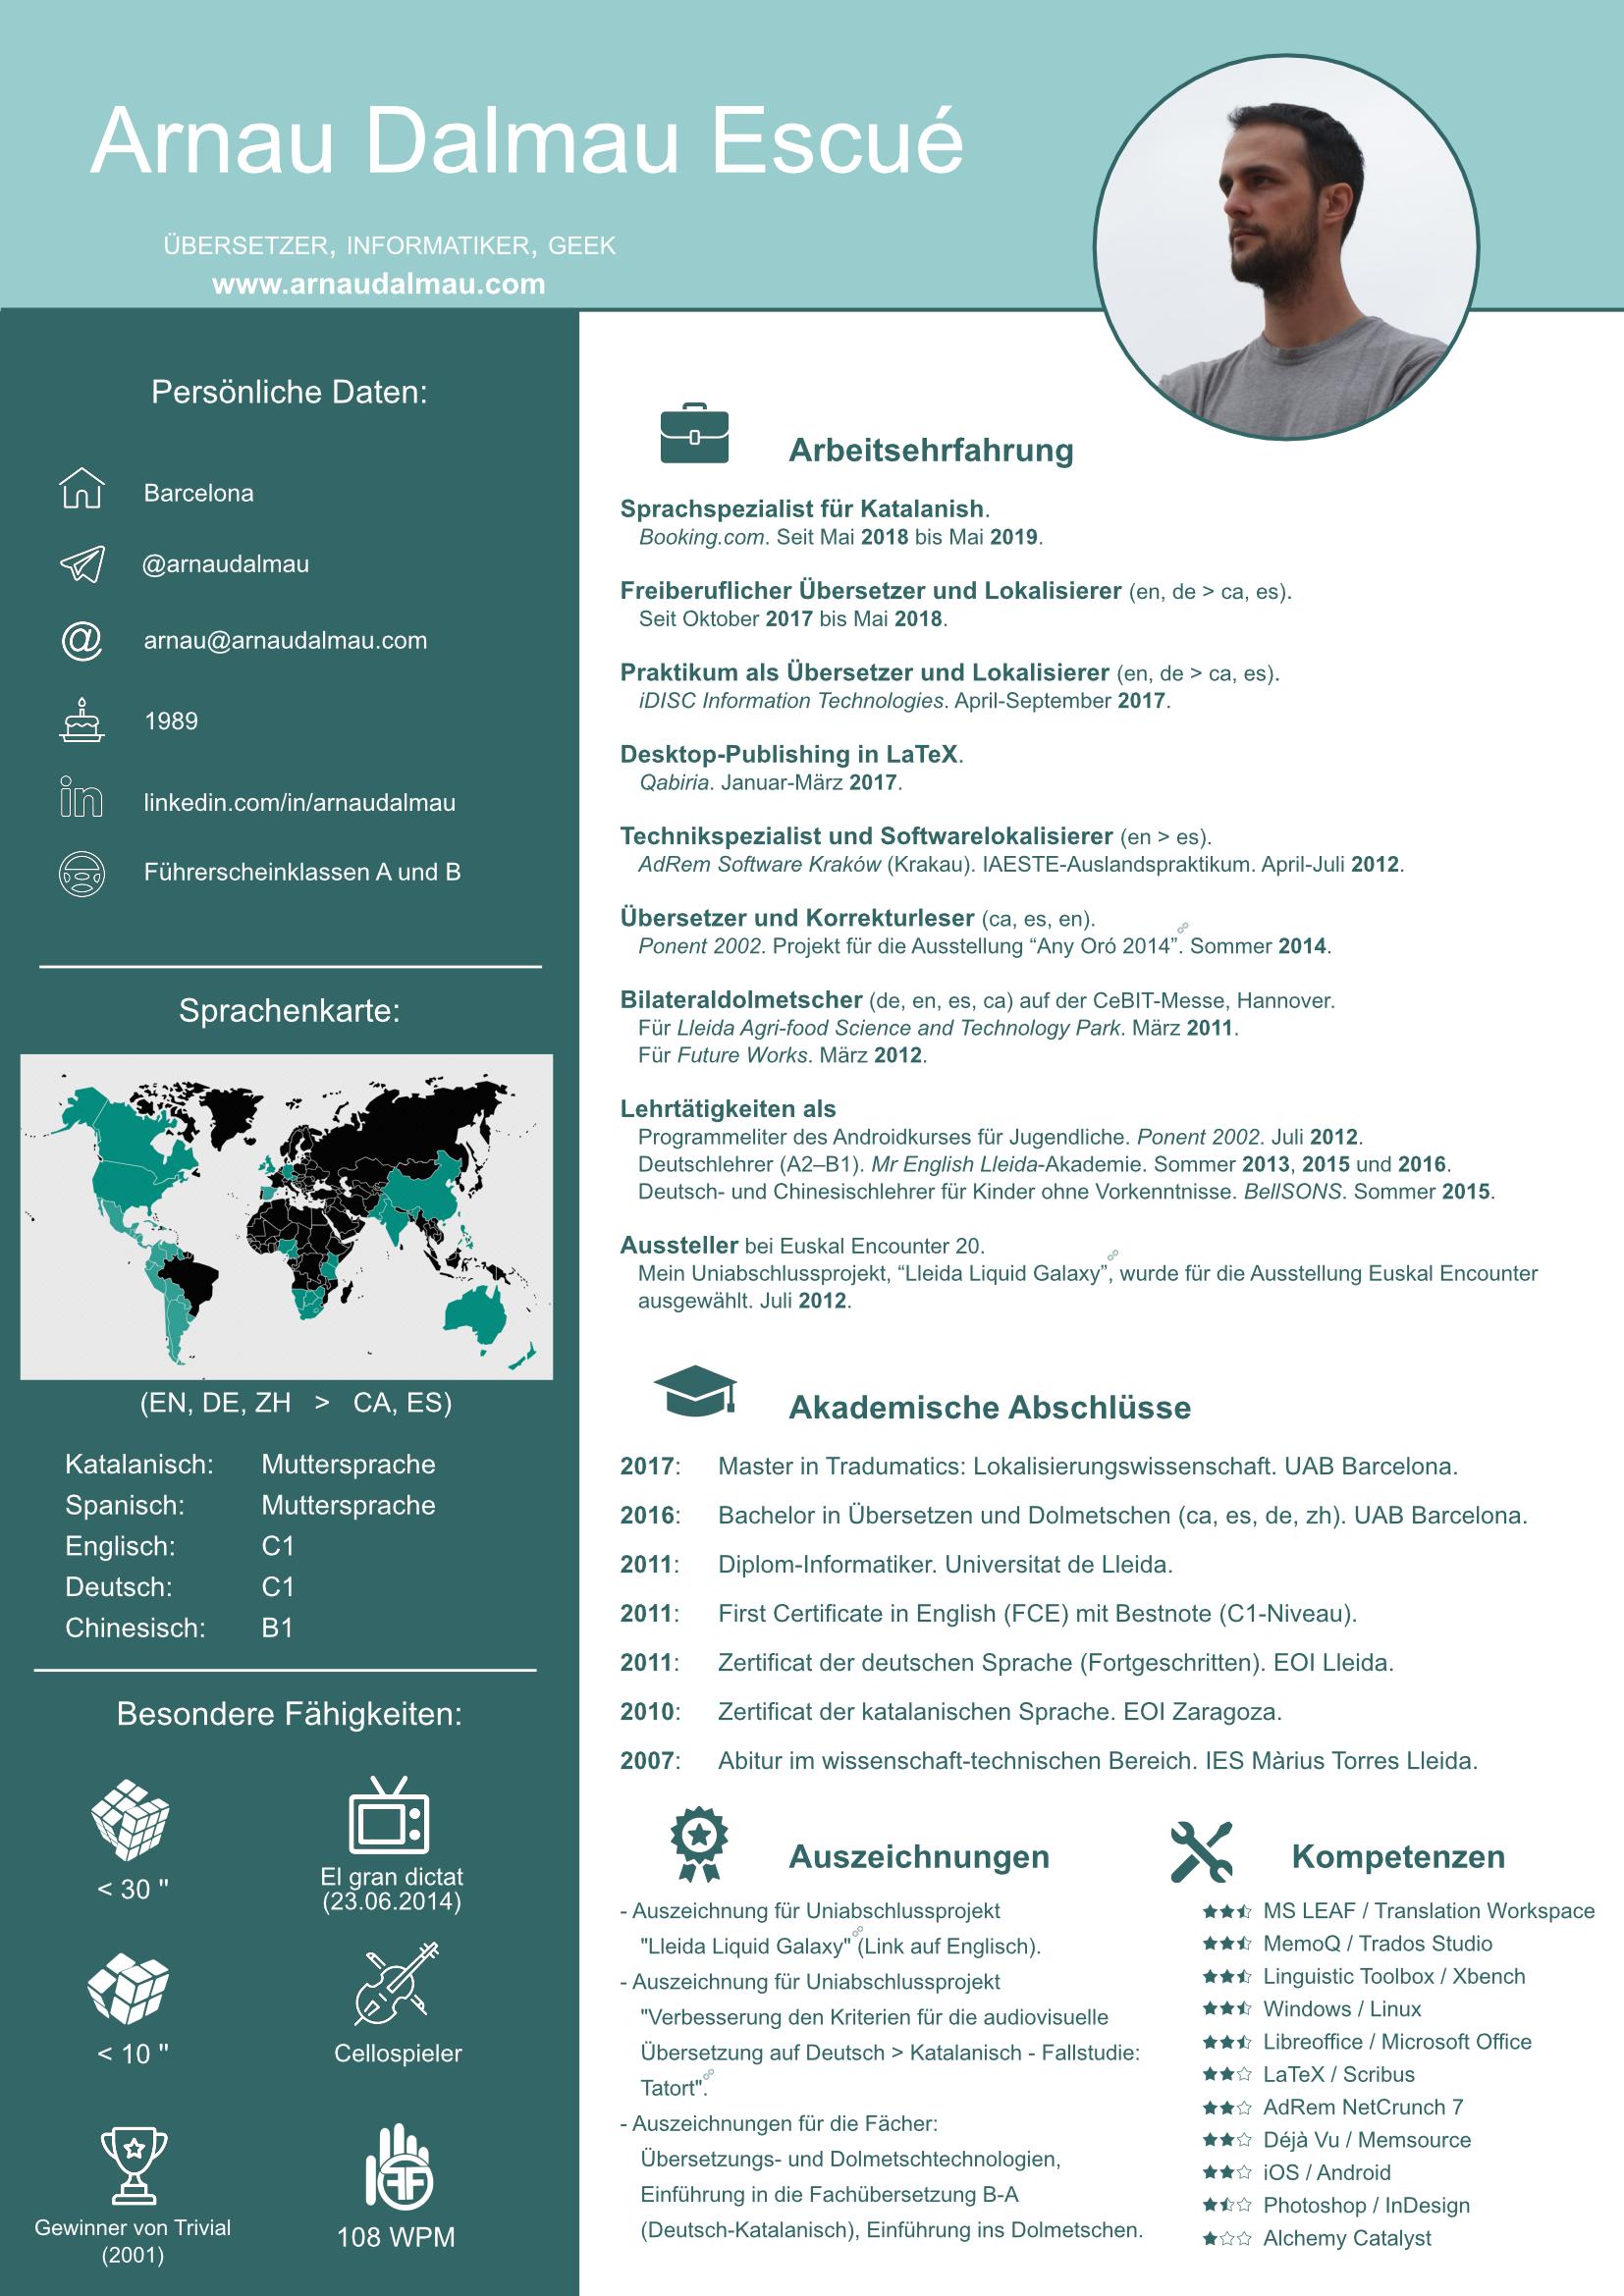 CV Arnau Dalmau - Übersetzer und DTP Experte auf Deutsch, Englisch, Katalanisch und Spanisch